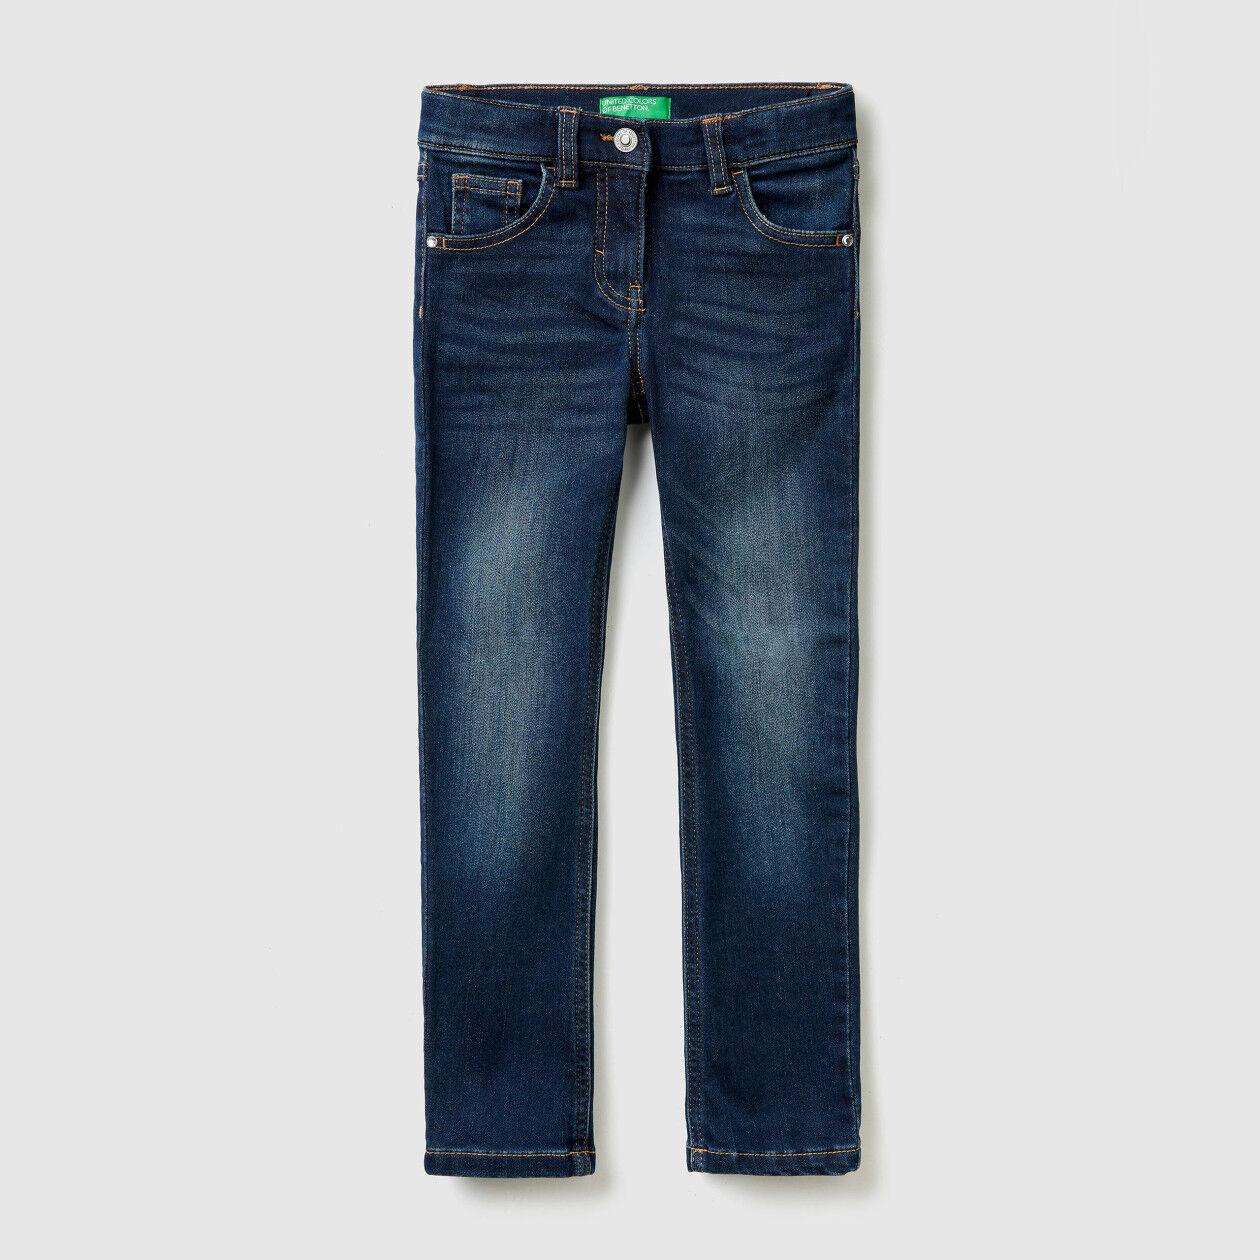 Thermal denim skinny jeans